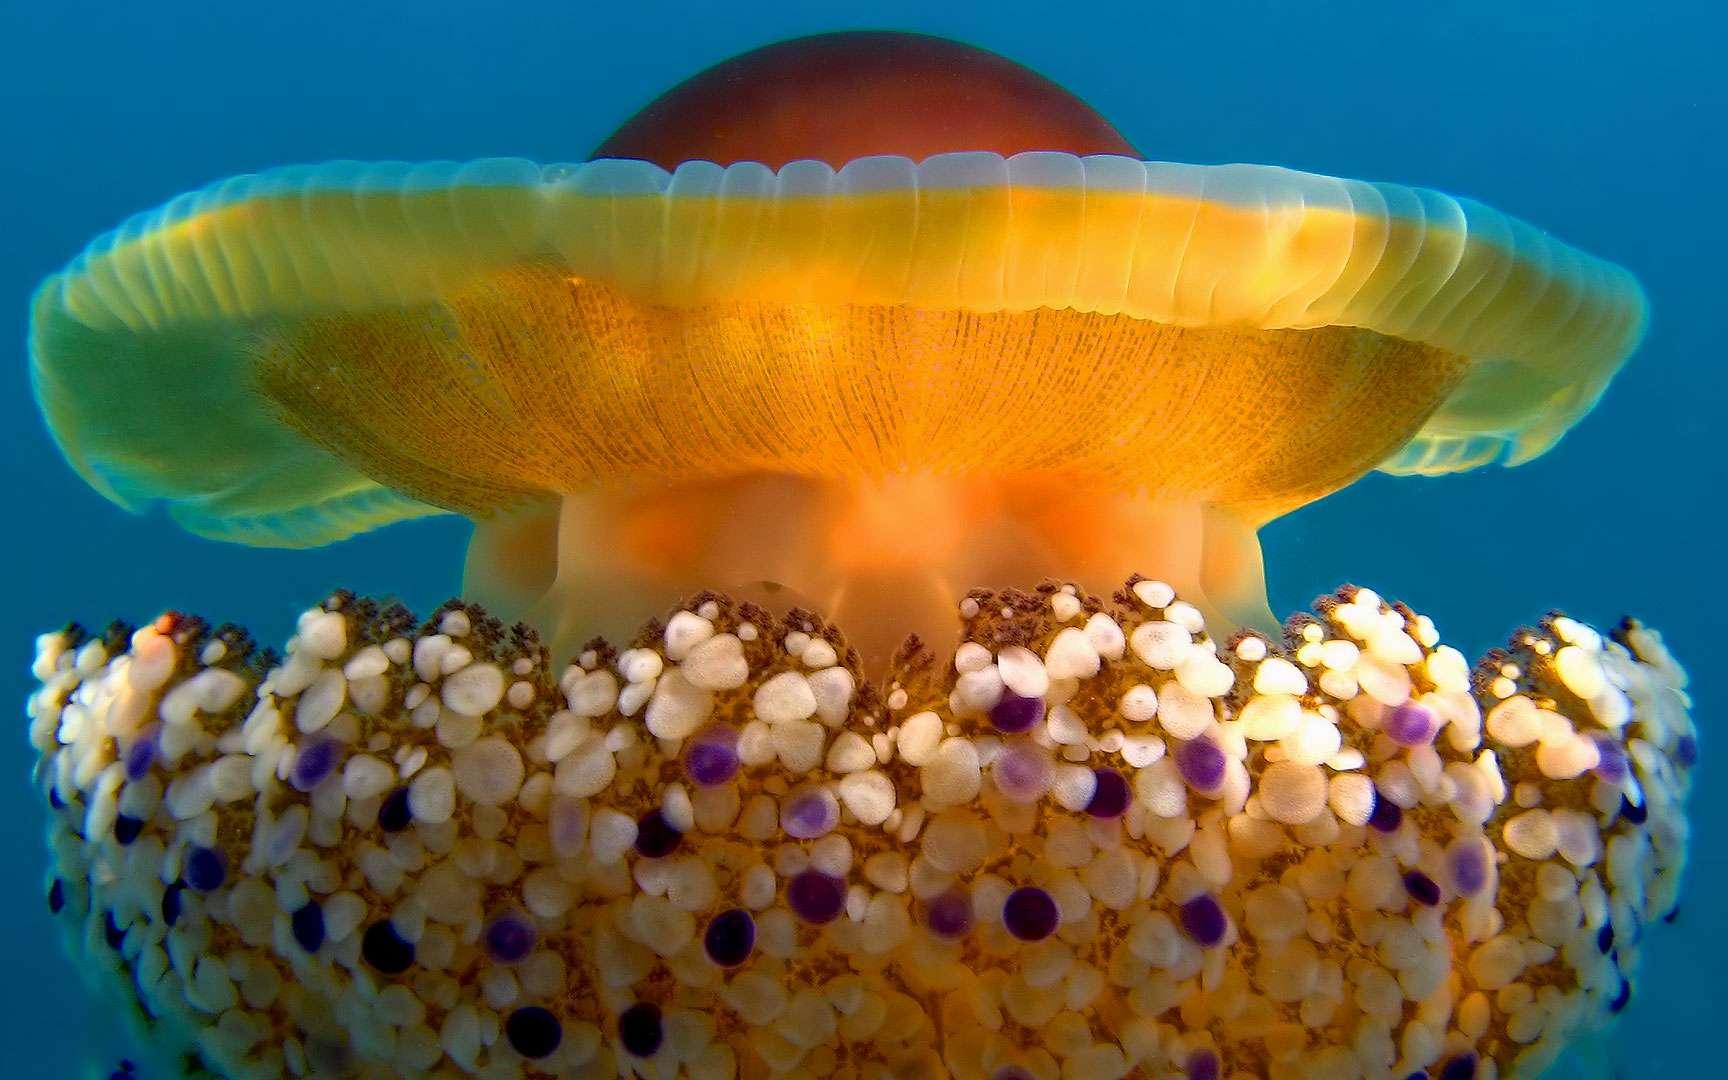 Cassiopea. Cassiopea (ou Cassiopeia), est un genre de méduse de la famille des cassiopeidae. Ces méduses ont l'habitude de cohabiter avec une zooxanthelle, une algue qui fournit de la nourriture en excès, dont se nourrit la méduse. Elles ont gagné leur nom de « méduses à l'envers » à cause d'une habitude amusante : elles se retournent et restent immobiles pour fournir assez de lumière à leur plante. © Ondablv CC BY-NC 2, Flickr CC BY-SA 3.0